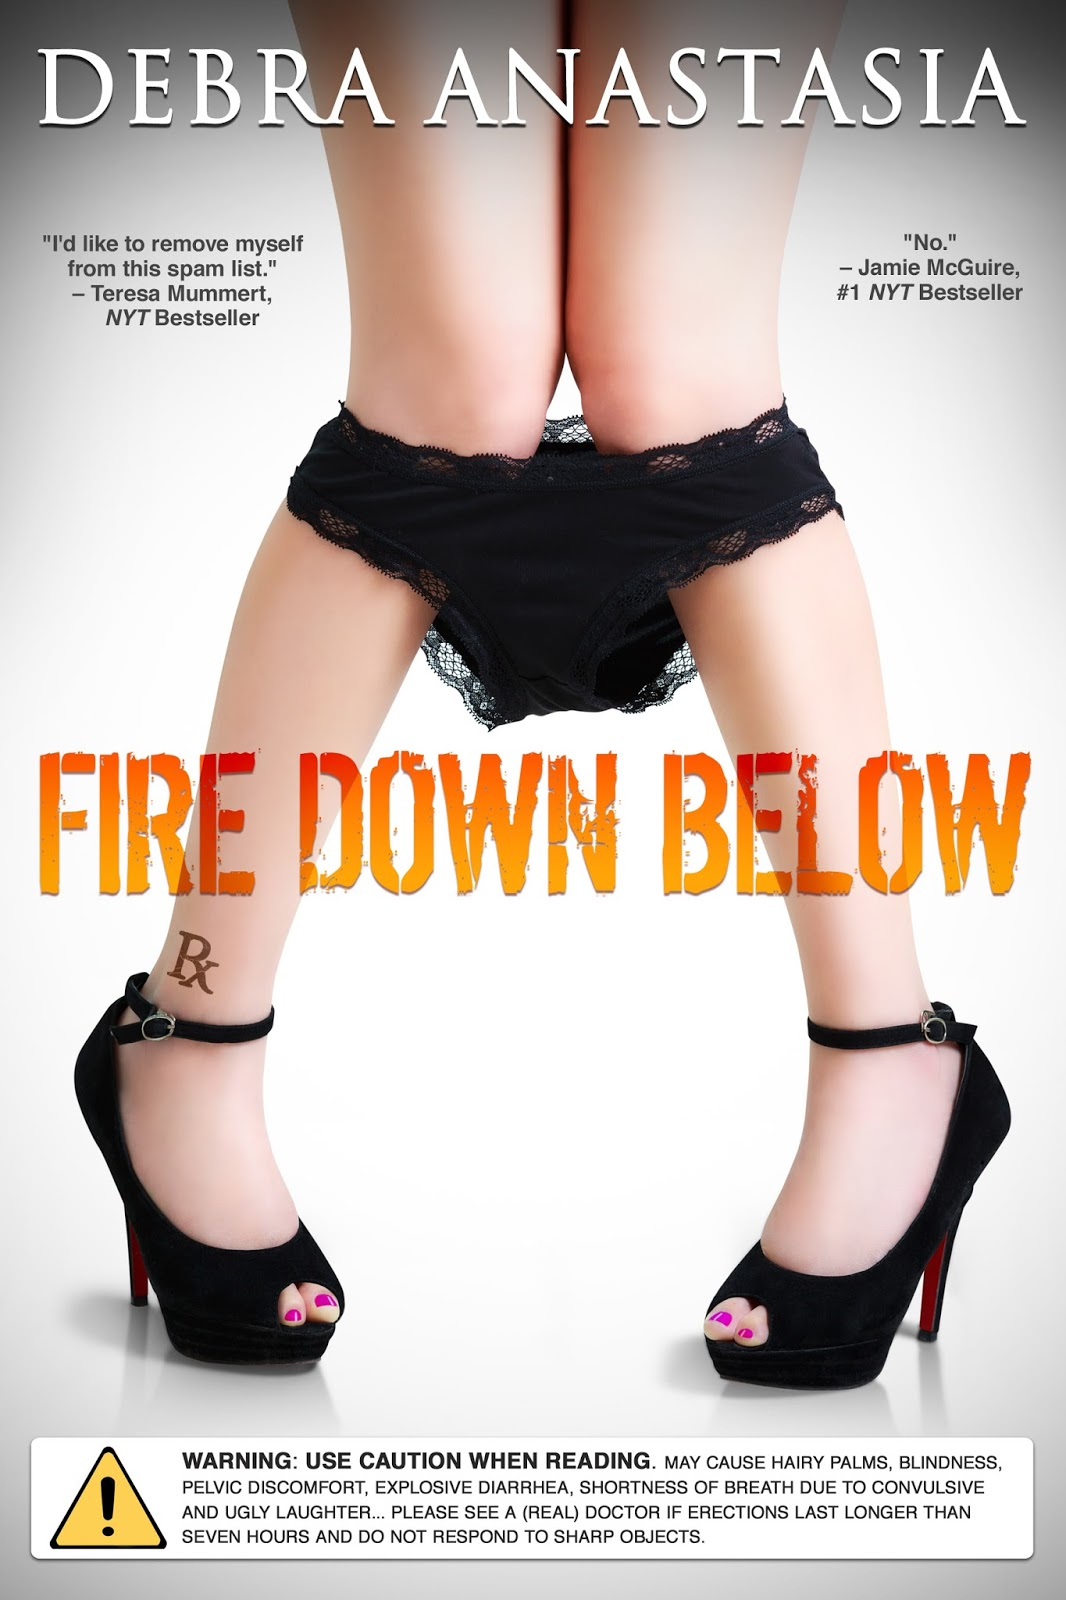 BEST FireDownBelow_final_warnings-blurb